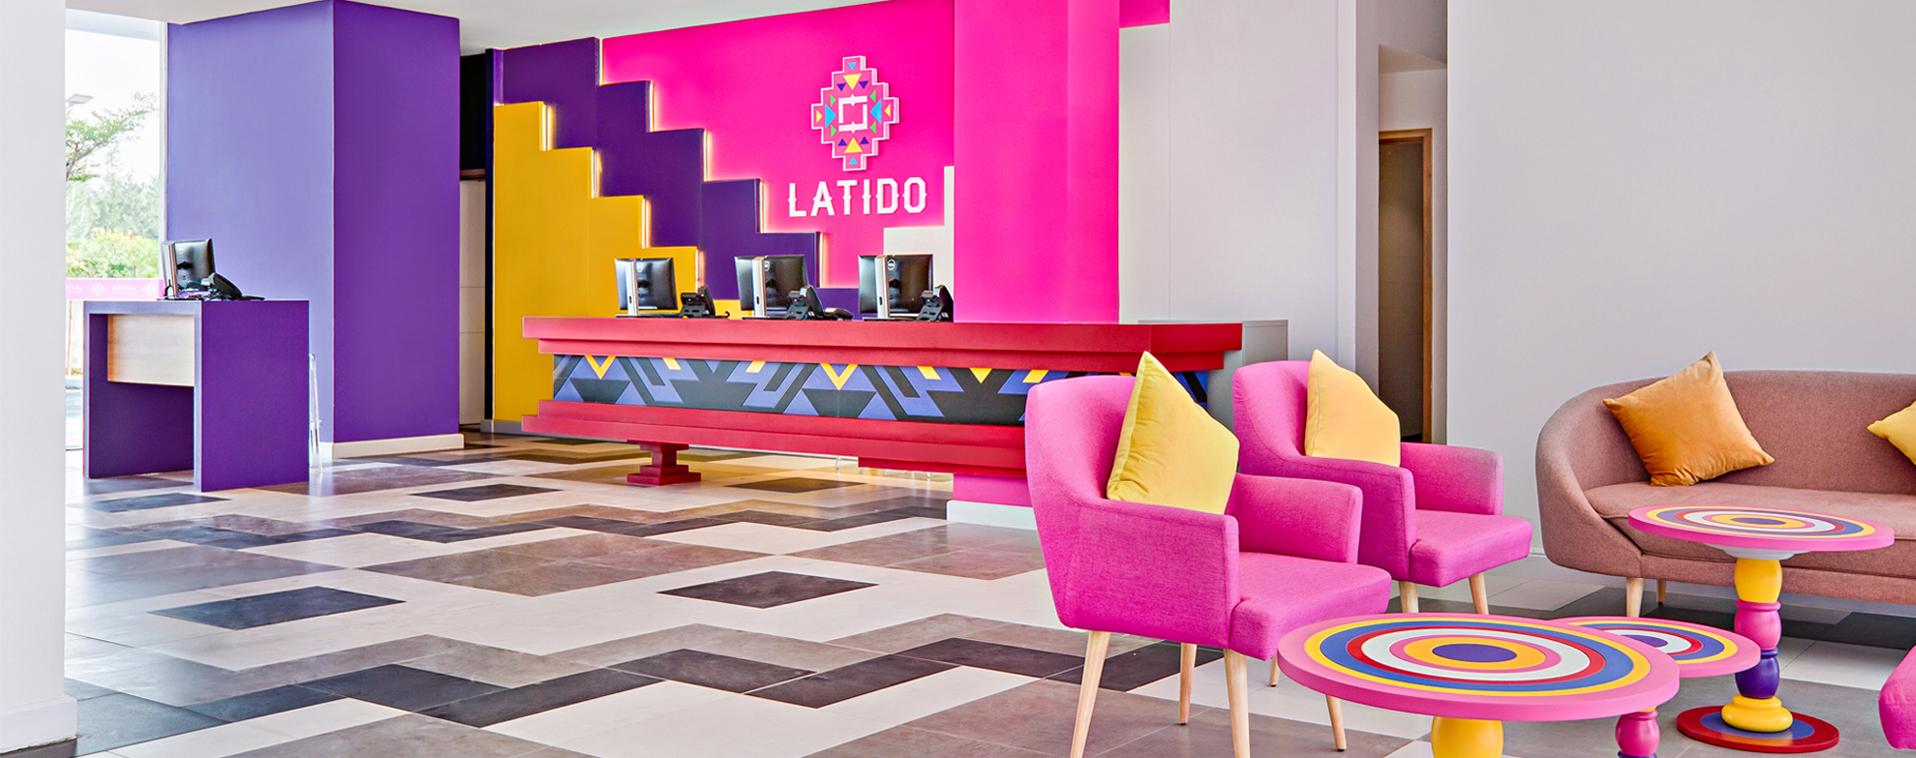 Khách sạn Latido